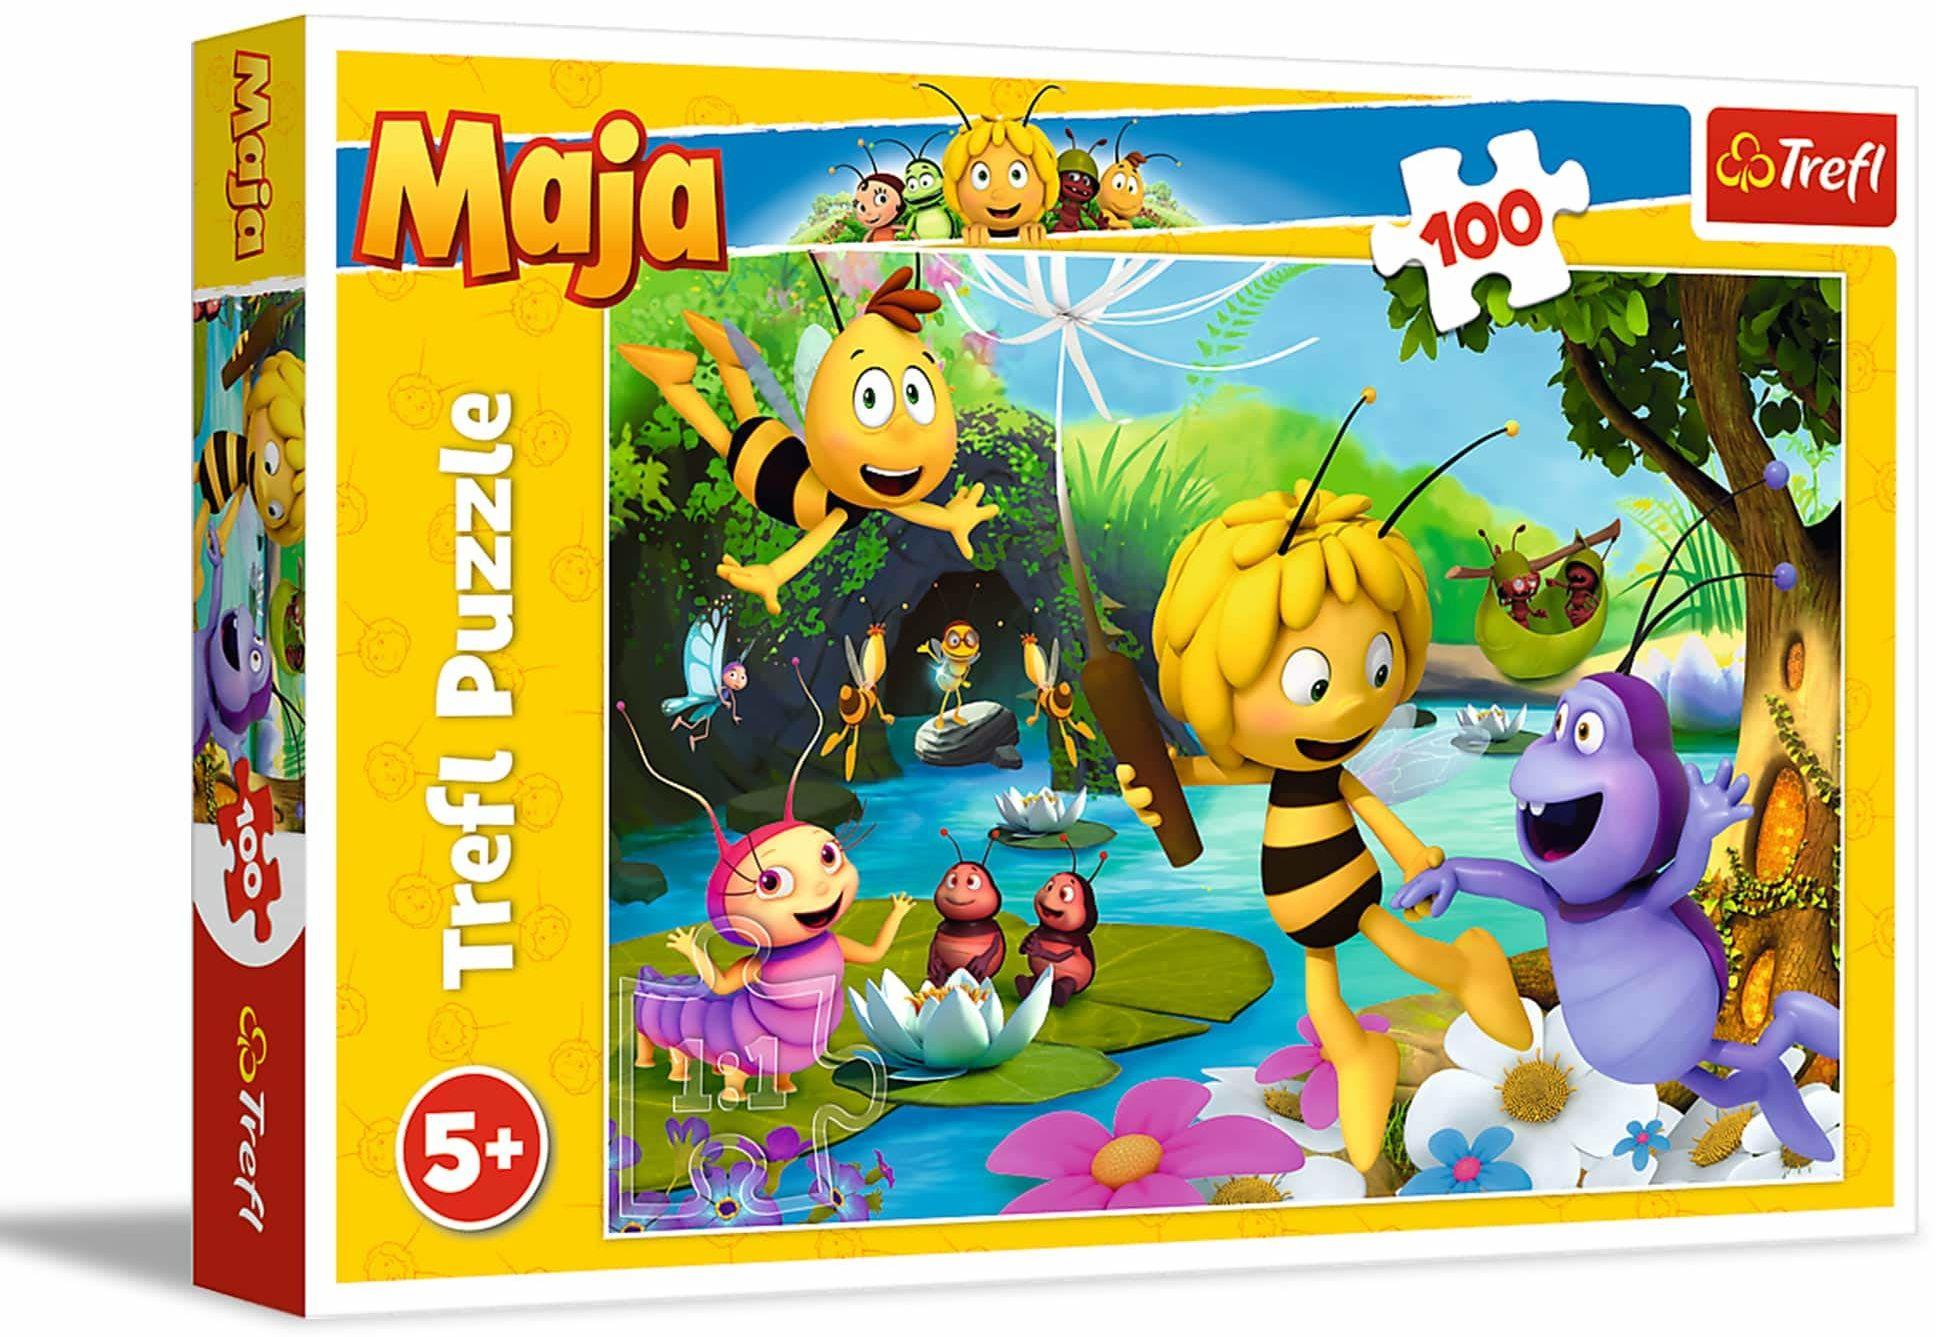 Trefl Pszczółka Maja i Przyjaciele Puzzle 100 Elementów o Wysokiej Jakości Nadruku dla Dzieci od 5 lat